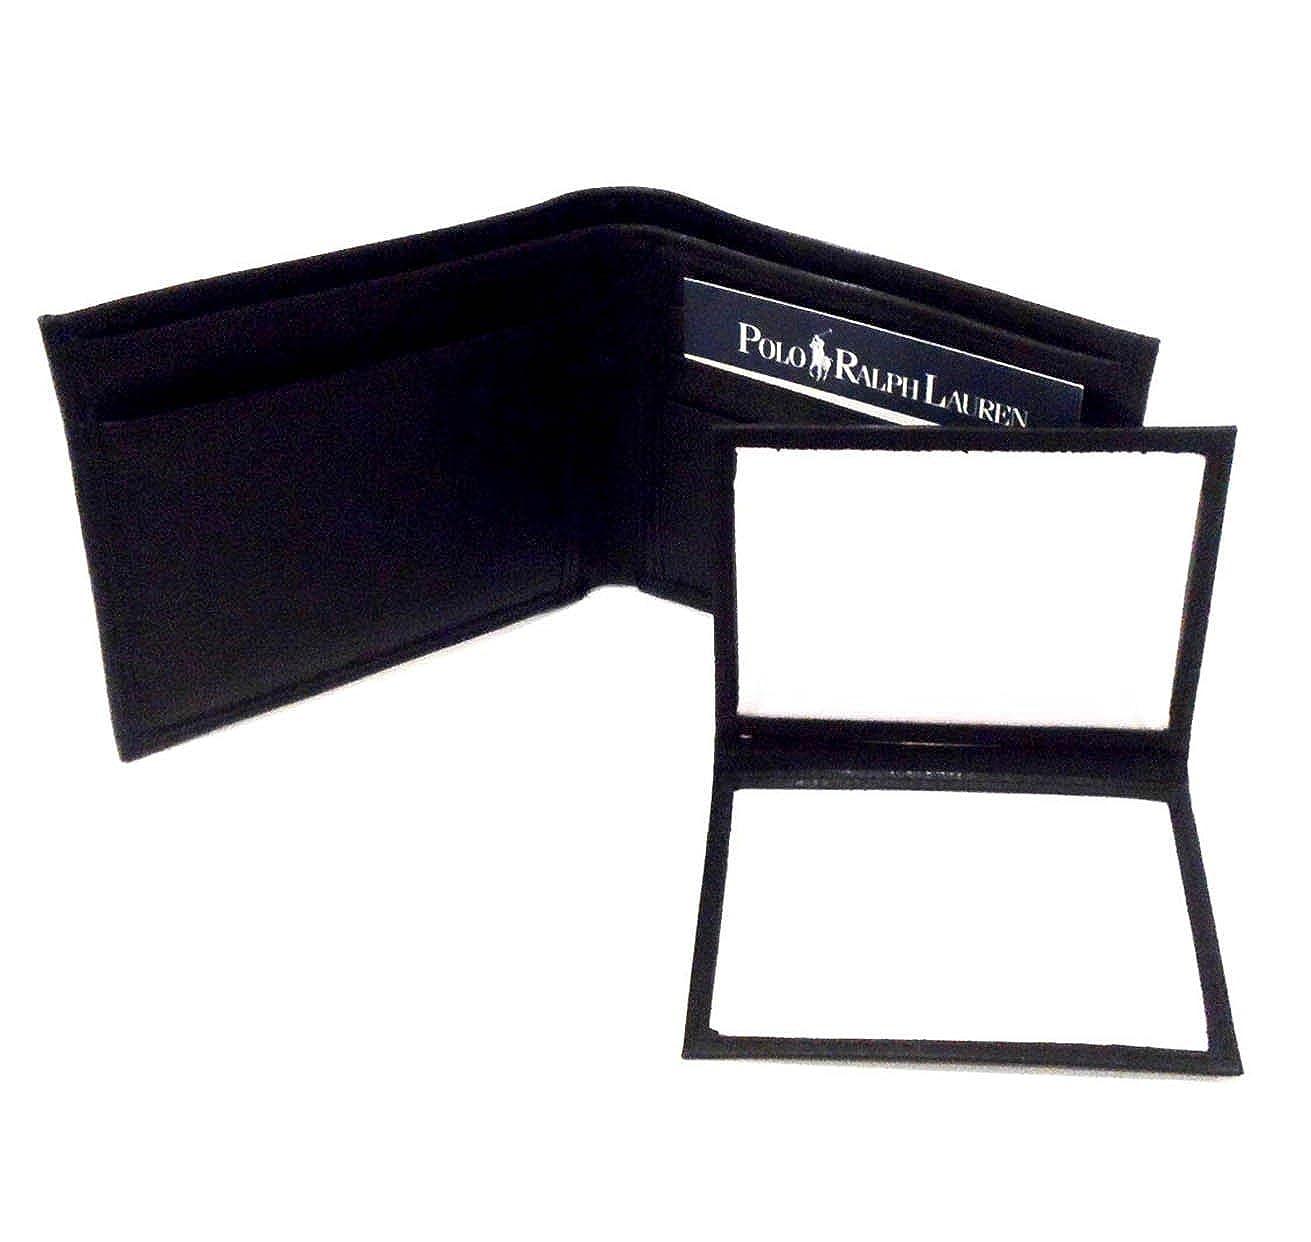 Polo Ralph Lauren con textura de piel de color negro cartera de ...